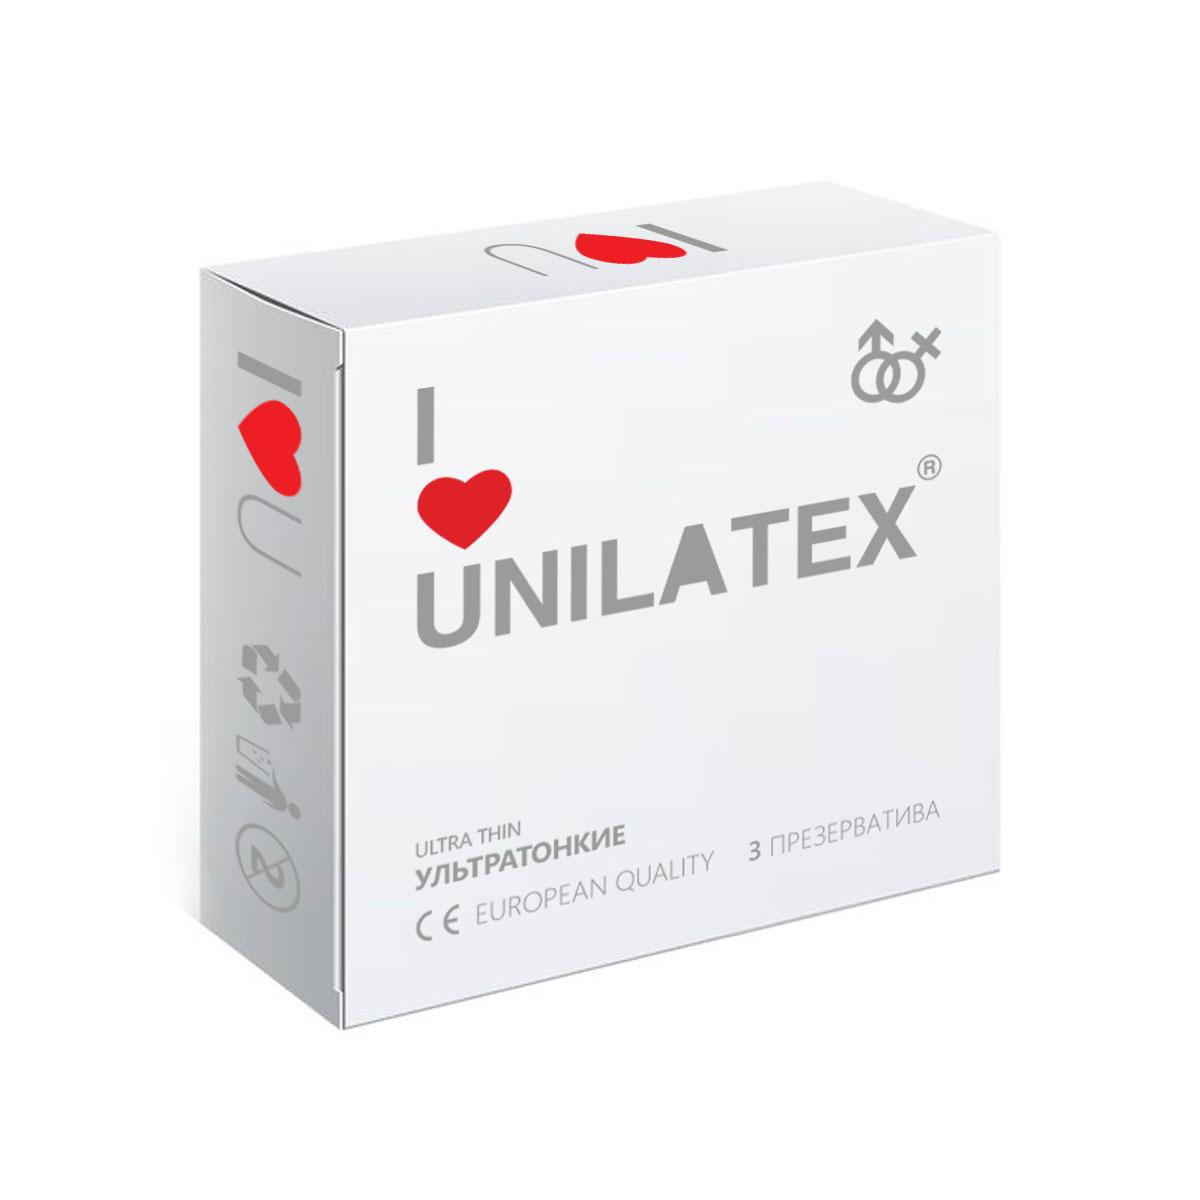 Презервативы Unilatex UltraThin, 3 штRef. 3012Ультратонкие презервативы из натурального латекса телесного цвета, гладкой поверхностью, покрыты силиконовой смазкой с нейтральным ароматом.